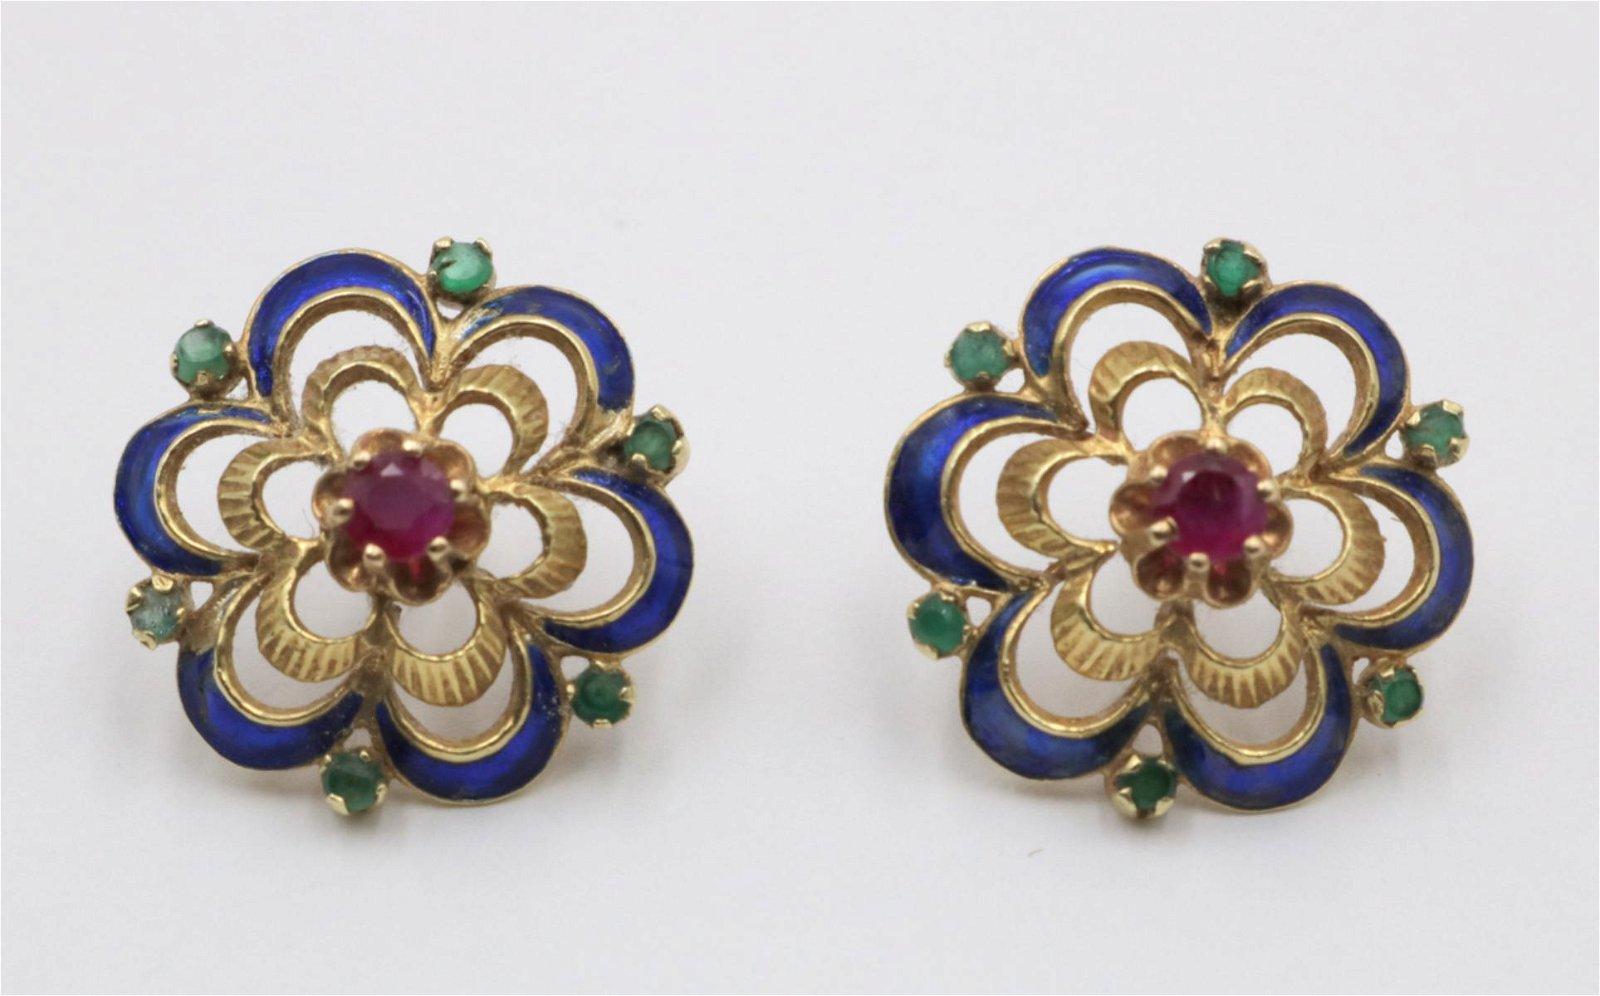 14Kt Ruby, Emerald & Enamel Earrings